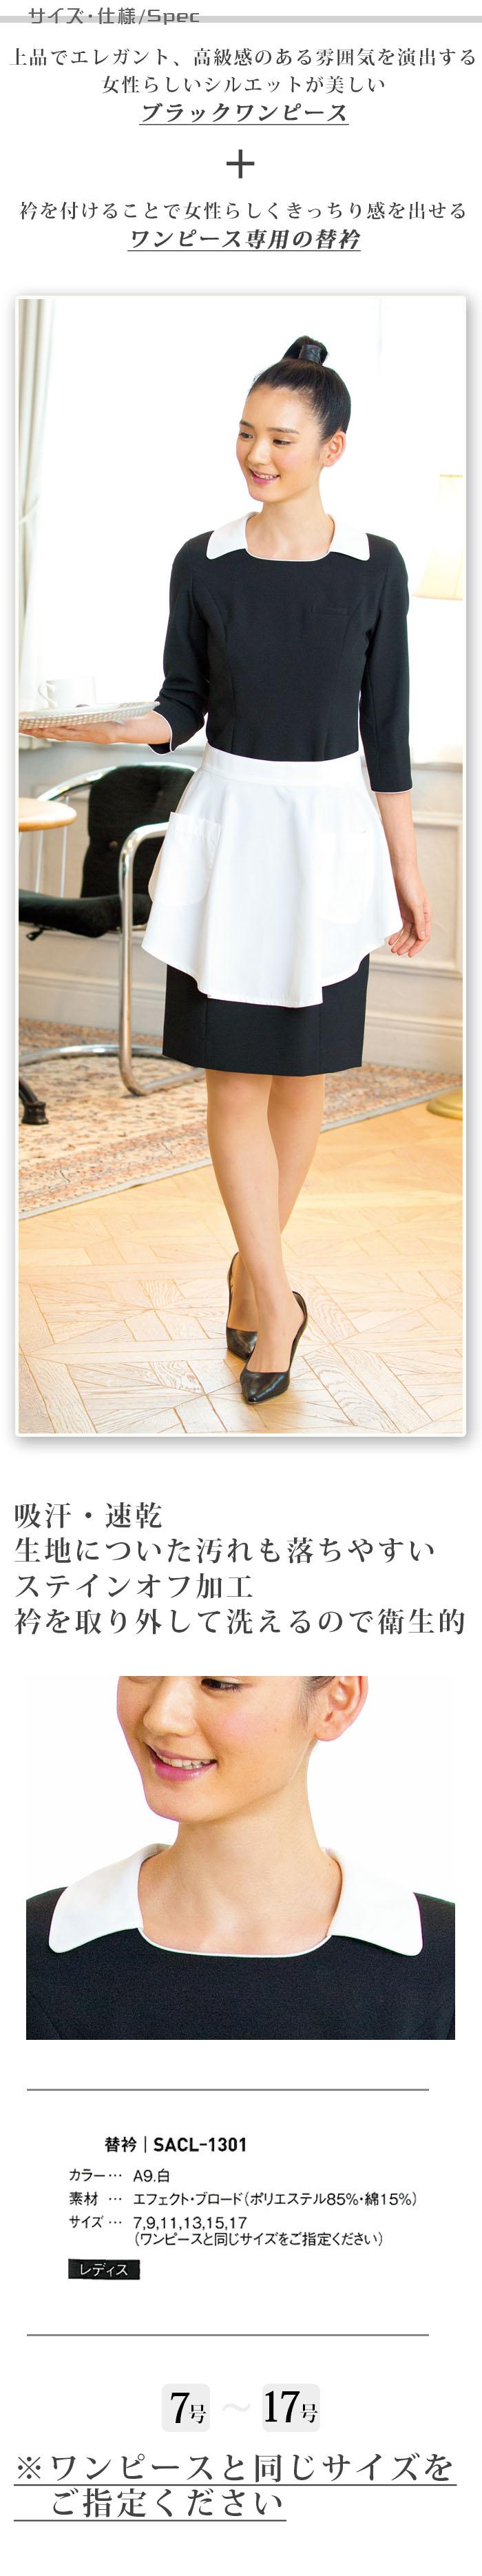 飲食店販売制服 七分袖ブラックワンピースOP049専用替衿 白 女性用   商品サイズ、スペック説明